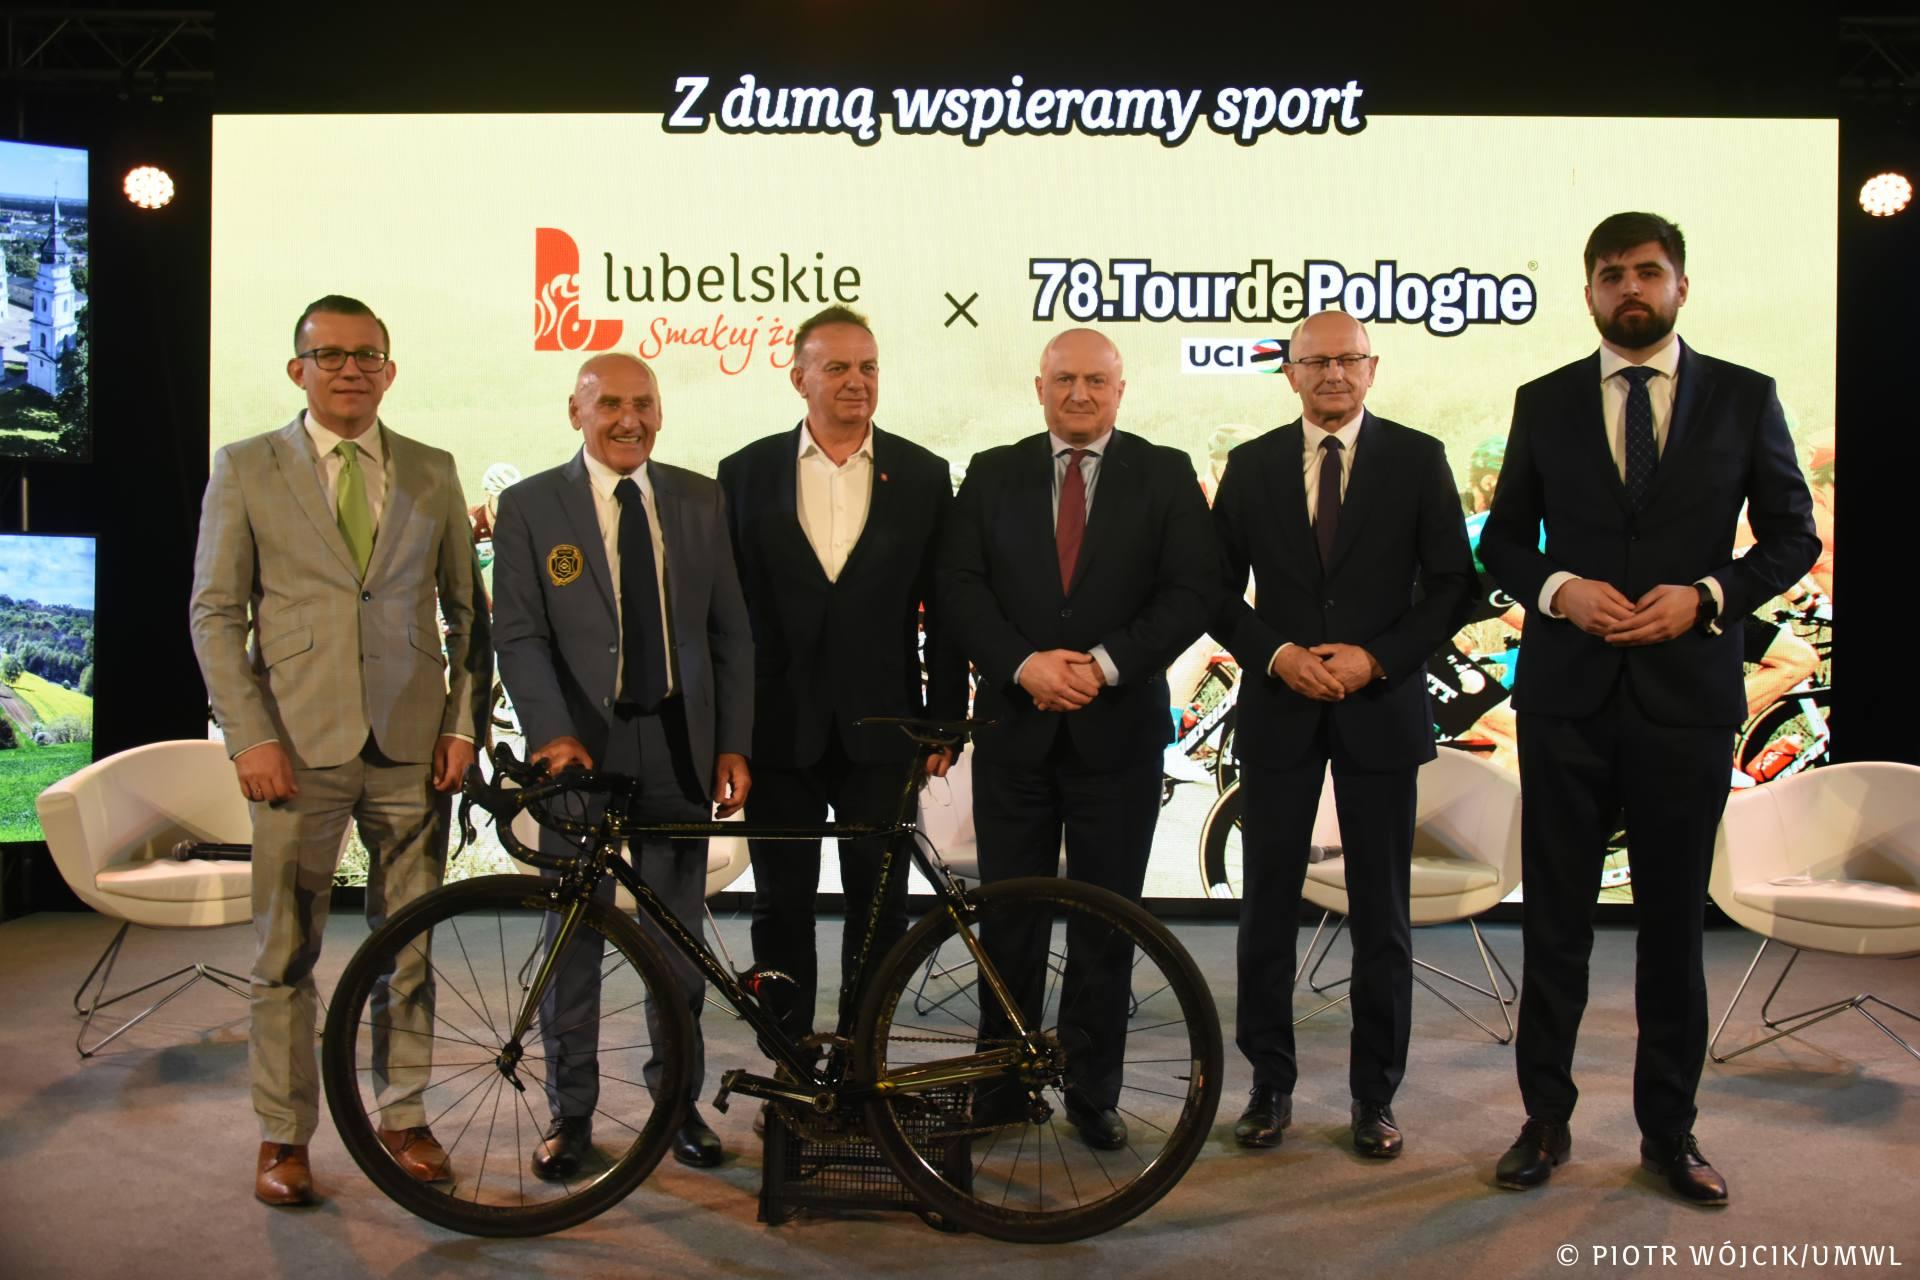 umw 0230 Tour de Pologne 2021: Kolarze pojadą m.in. przez: Radecznicę, Nielisz, Zamość i Krasnobród.